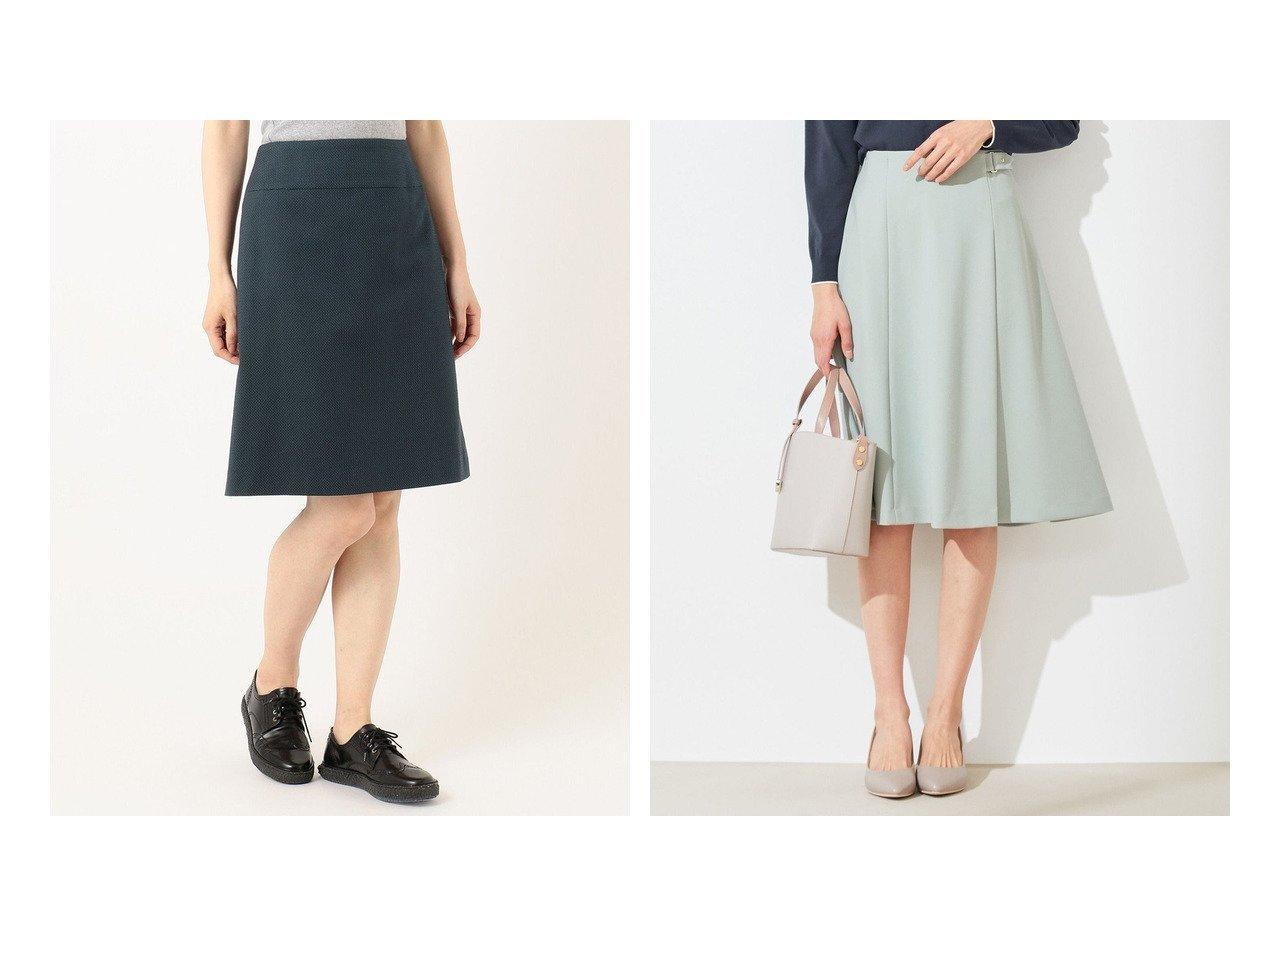 【any SiS/エニィ スィス】の【洗える】サイドベルト スカート&【Paul Smith/ポール スミス】の【セットアップ対応】コットンウールドビー テーラリング スカート 【スカート】おすすめ!人気、トレンド・レディースファッションの通販 おすすめファッション通販アイテム インテリア・キッズ・メンズ・レディースファッション・服の通販 founy(ファニー)  ファッション Fashion レディースファッション WOMEN スカート Skirt ベルト Belts セットアップ Setup スカート Skirt 洗える ジャージー フレア 楽ちん 再入荷 Restock/Back in Stock/Re Arrival 送料無料 Free Shipping おすすめ Recommend ジャケット ストレッチ スーツ セットアップ ポケット ミックス 定番 Standard 春 Spring ベージュ系 Beige イエロー系 Yellow ブルー系 Blue |ID:crp329100000029146